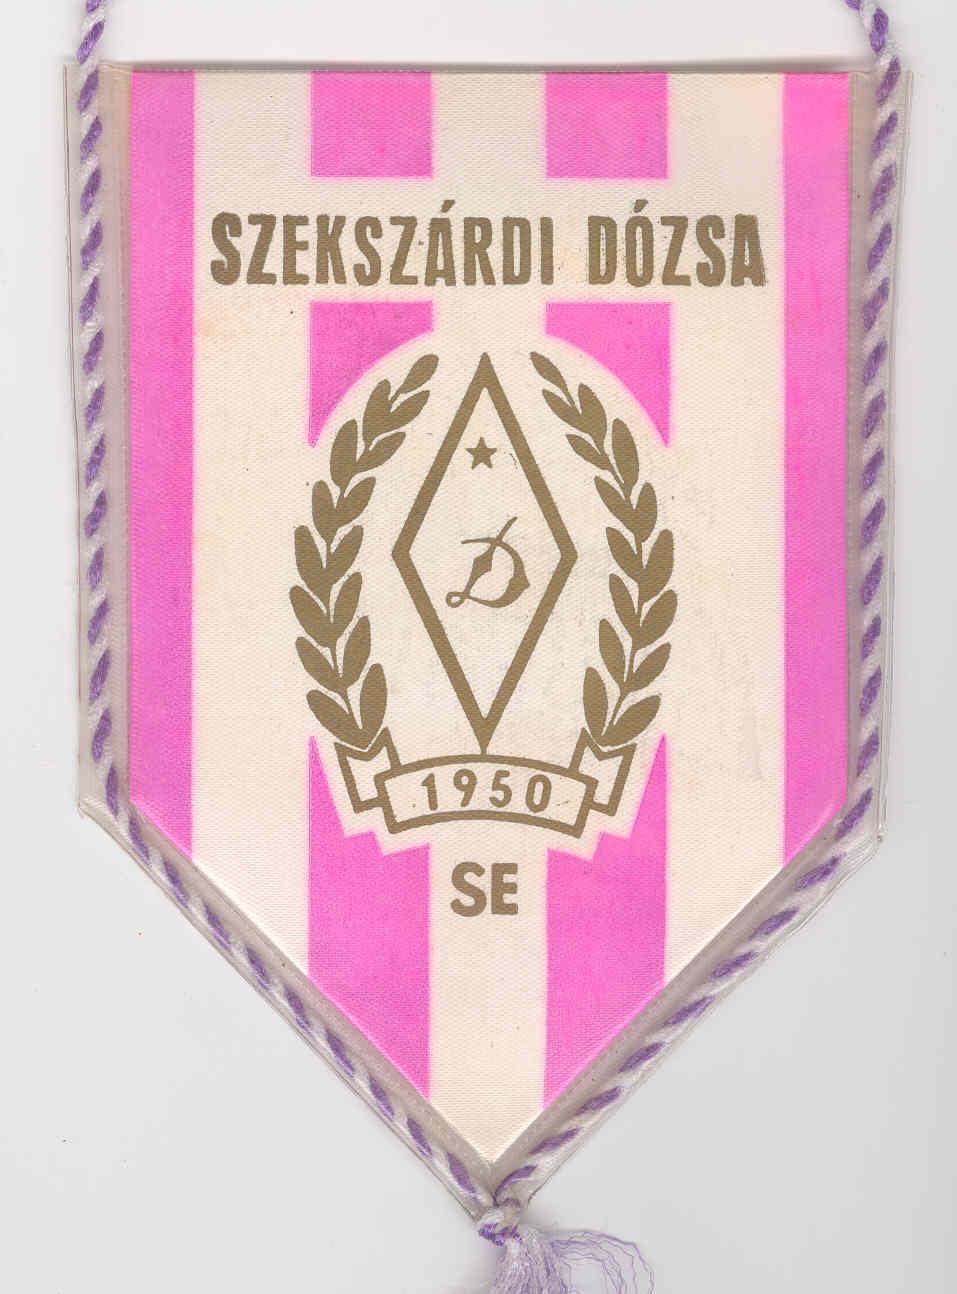 idokapszula_nb_i_1983_84_magyarorszag_anglia_eb-selejtezo_nb_ii_szekszard.jpg